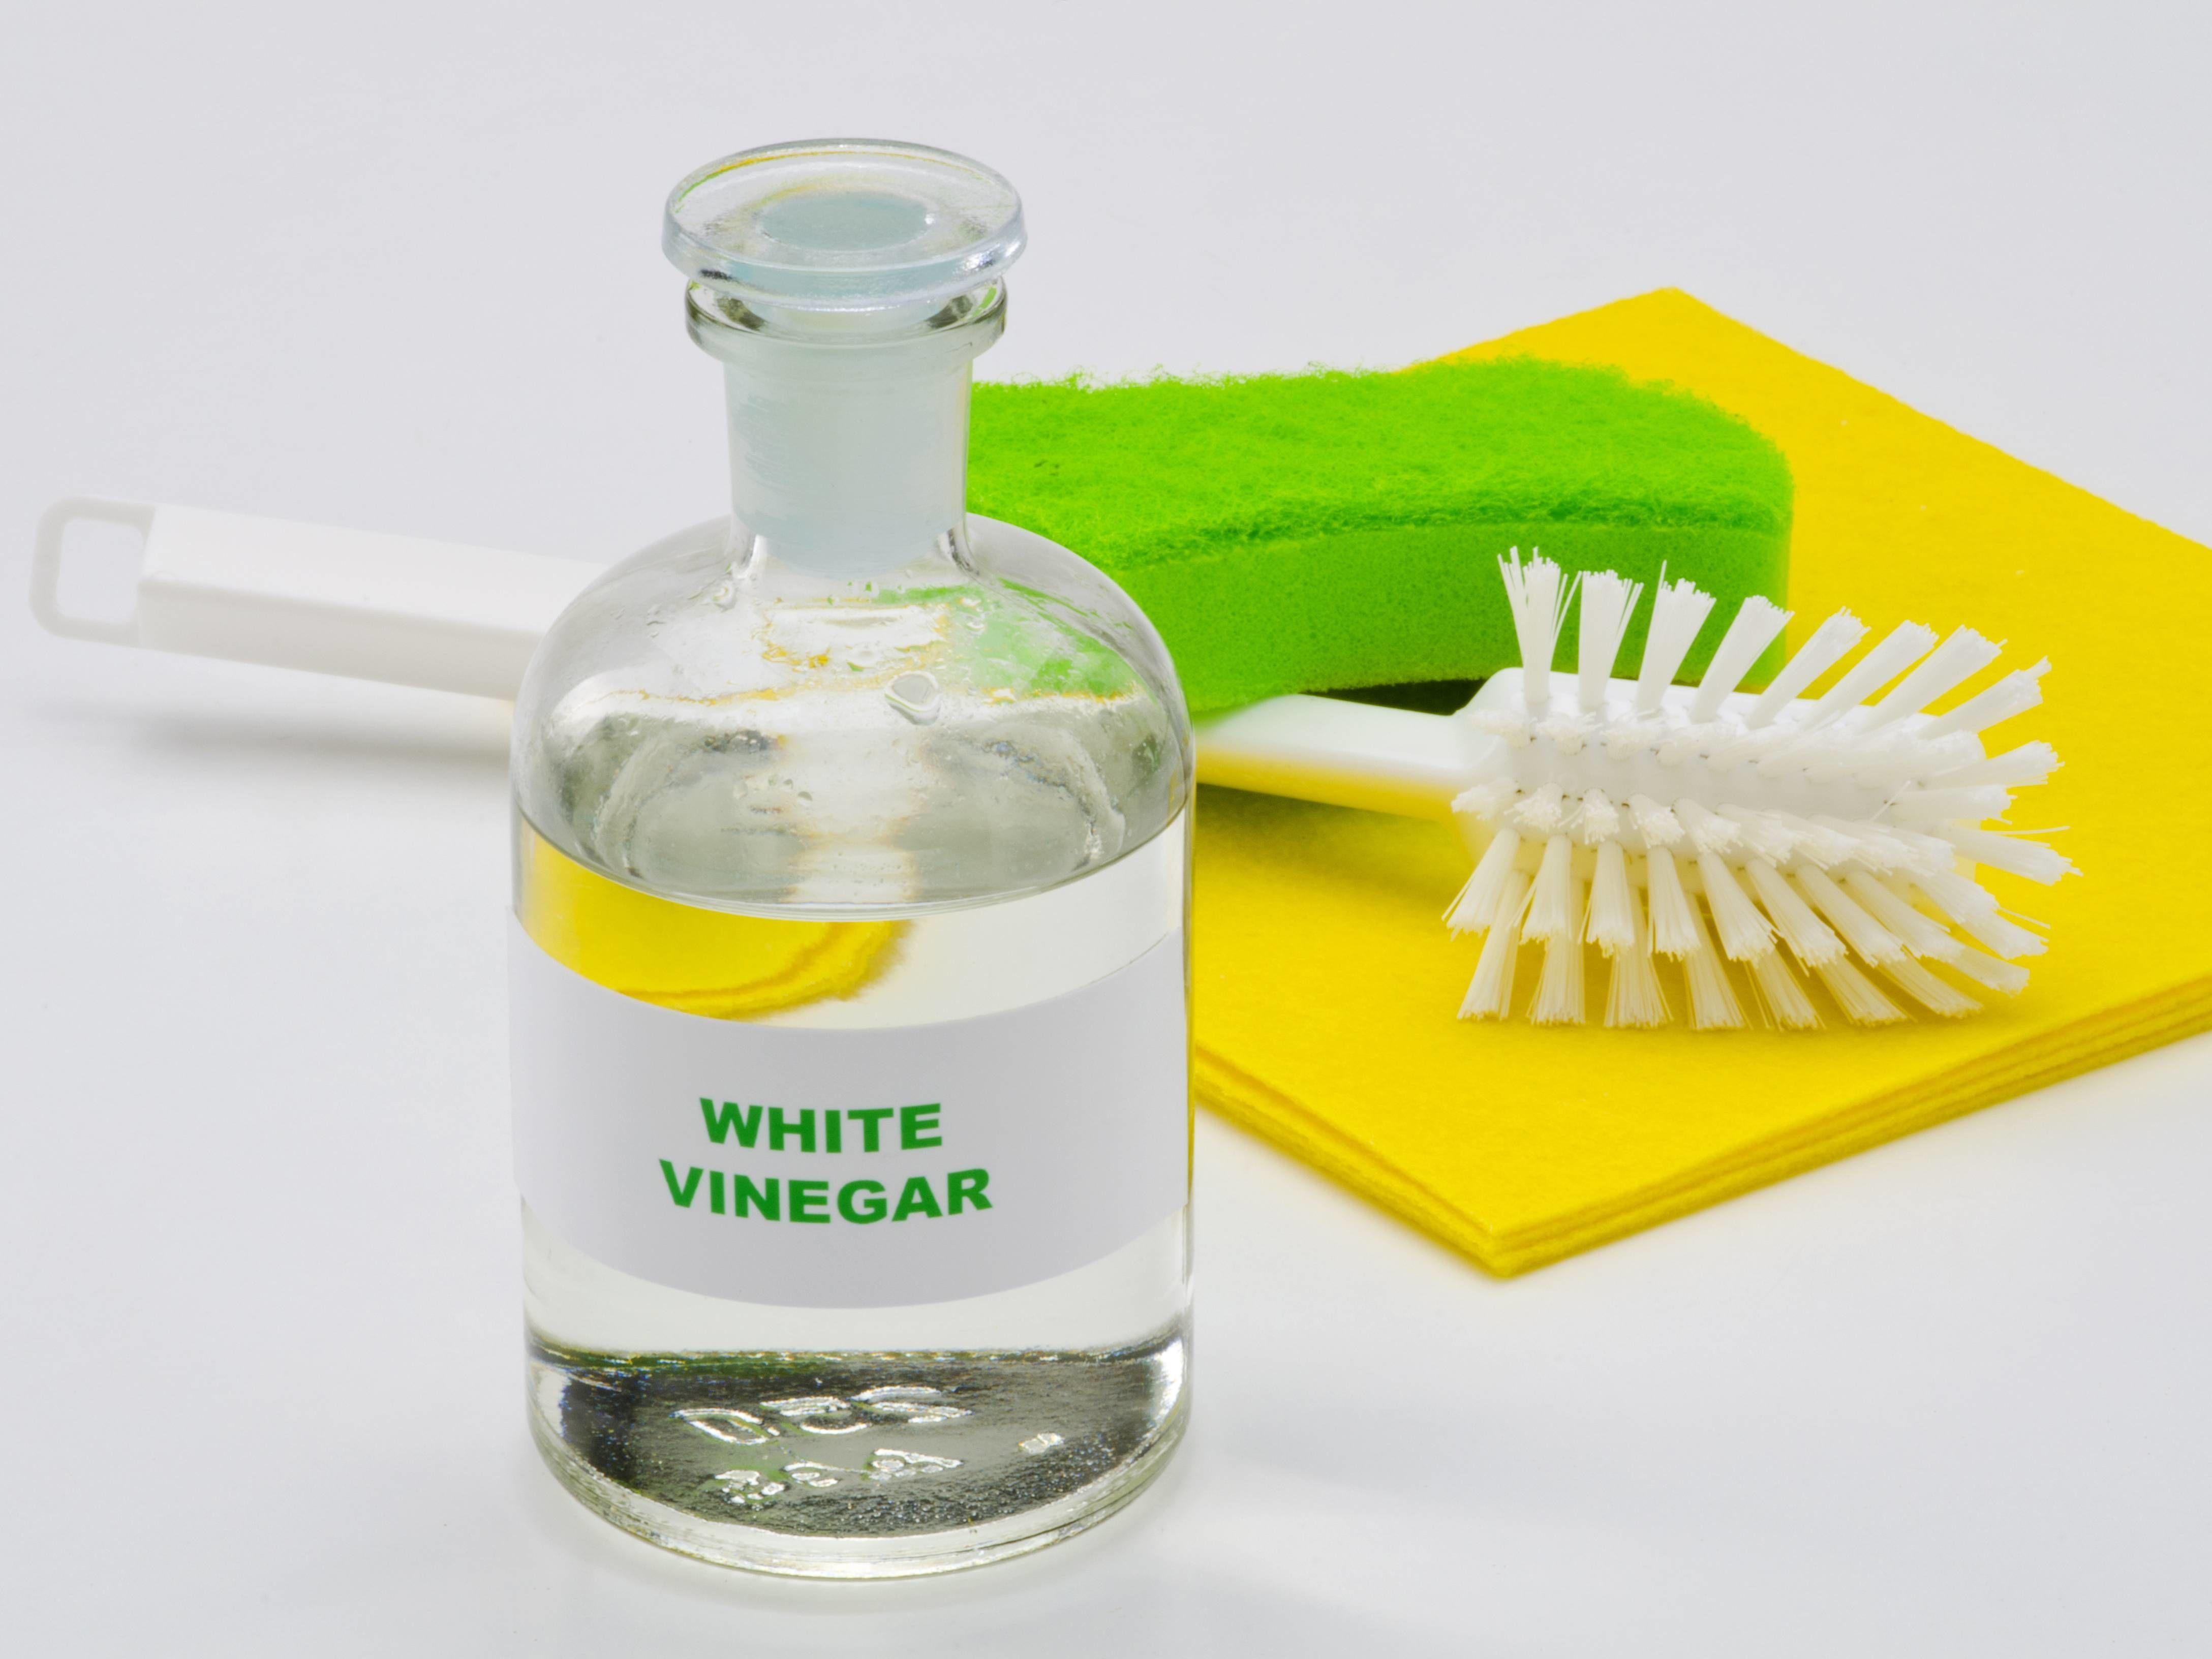 Simak 4 Cara Praktis Menghilangkan Noda Luntur Pada Baju Warna Putih